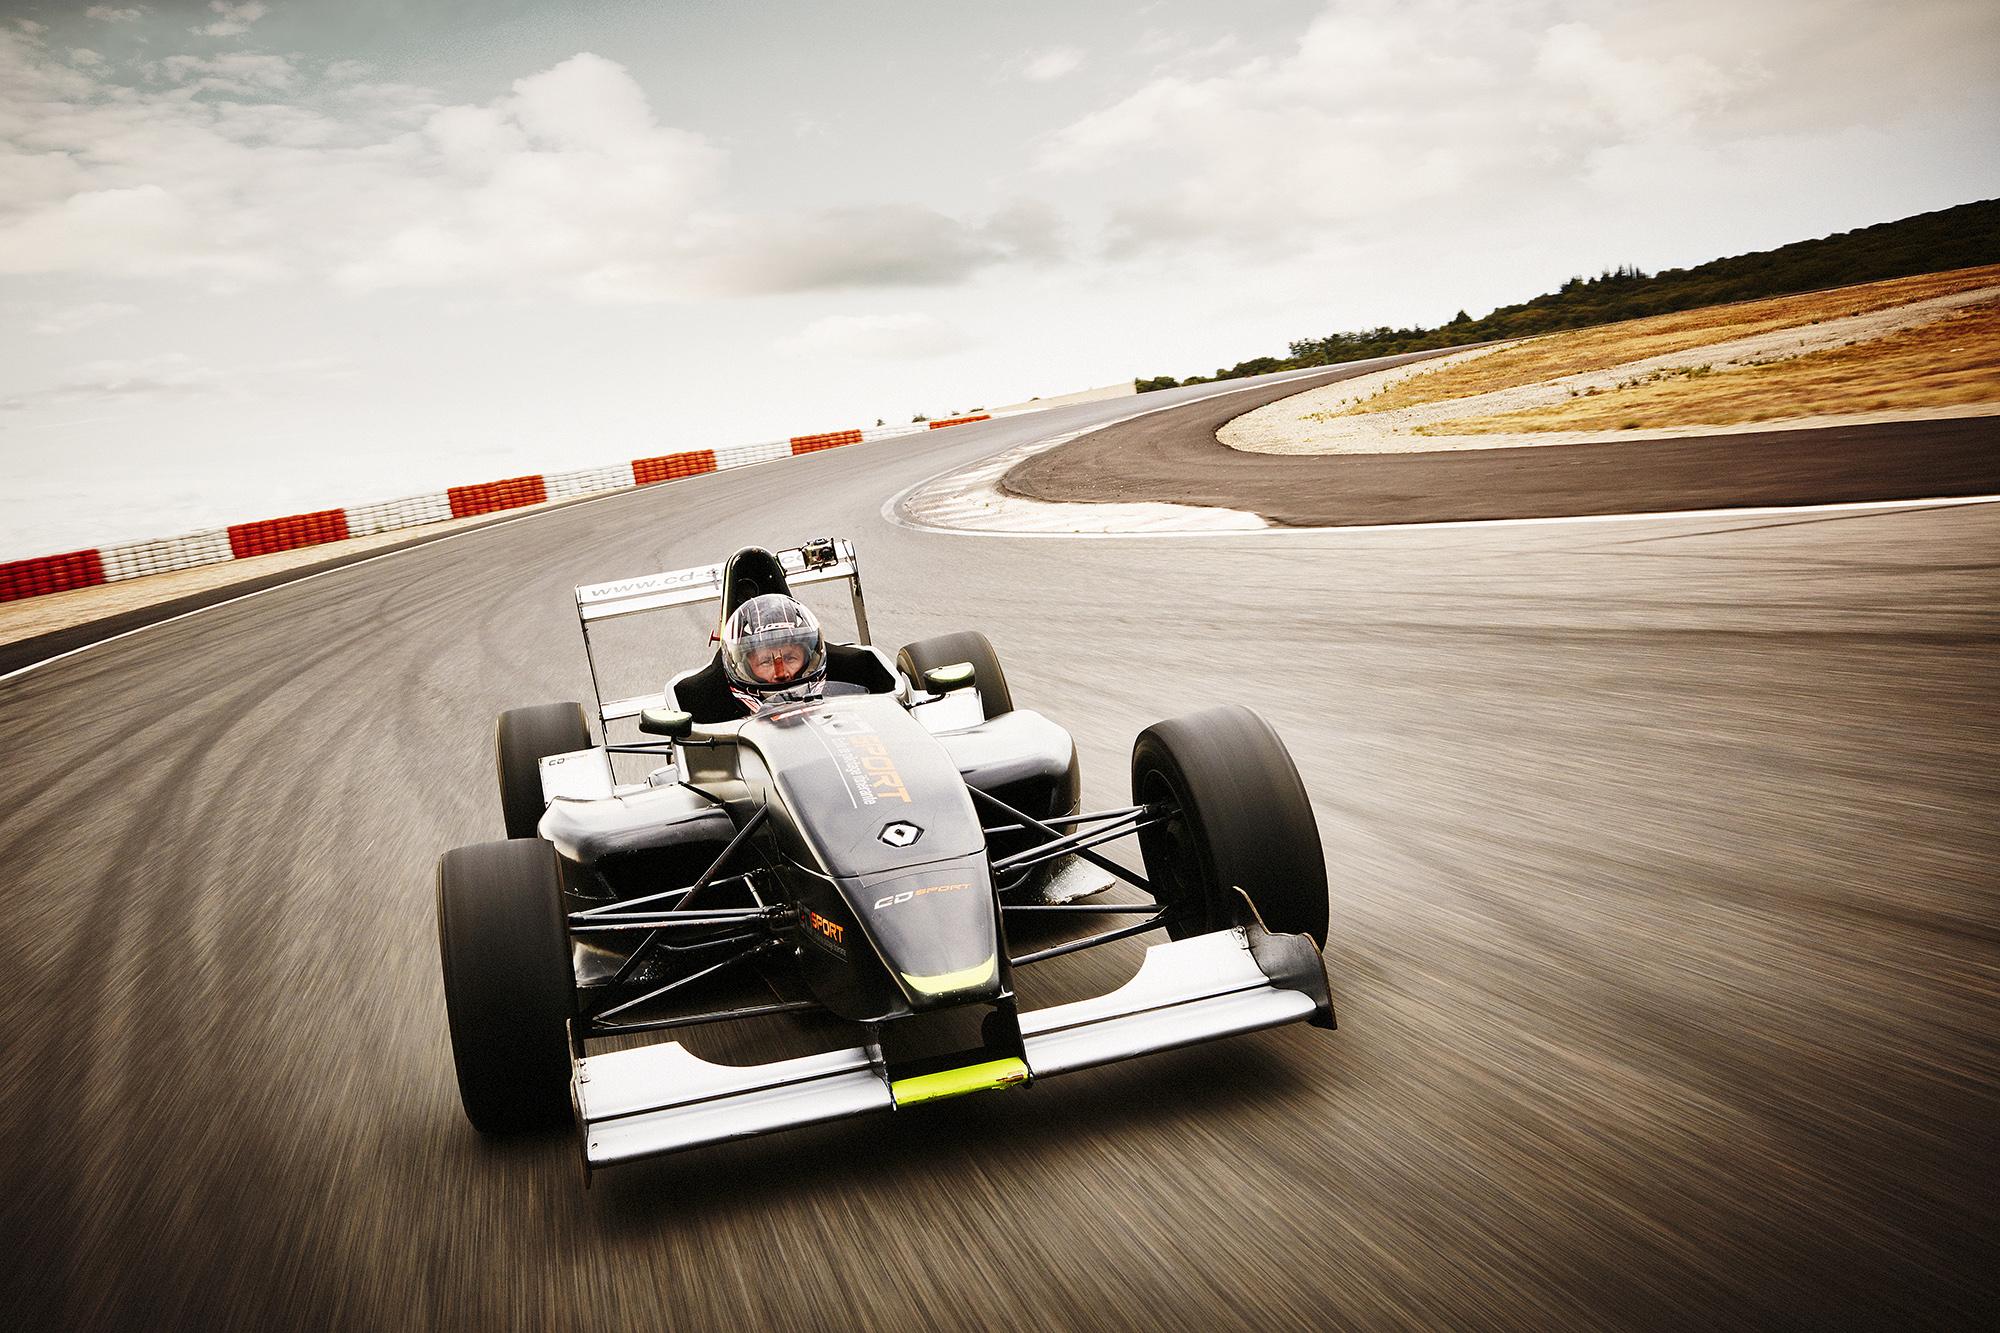 CD Sport, stage pilotage, pilotage monoplace, monoplace, circuit, concours, circuit du laquais